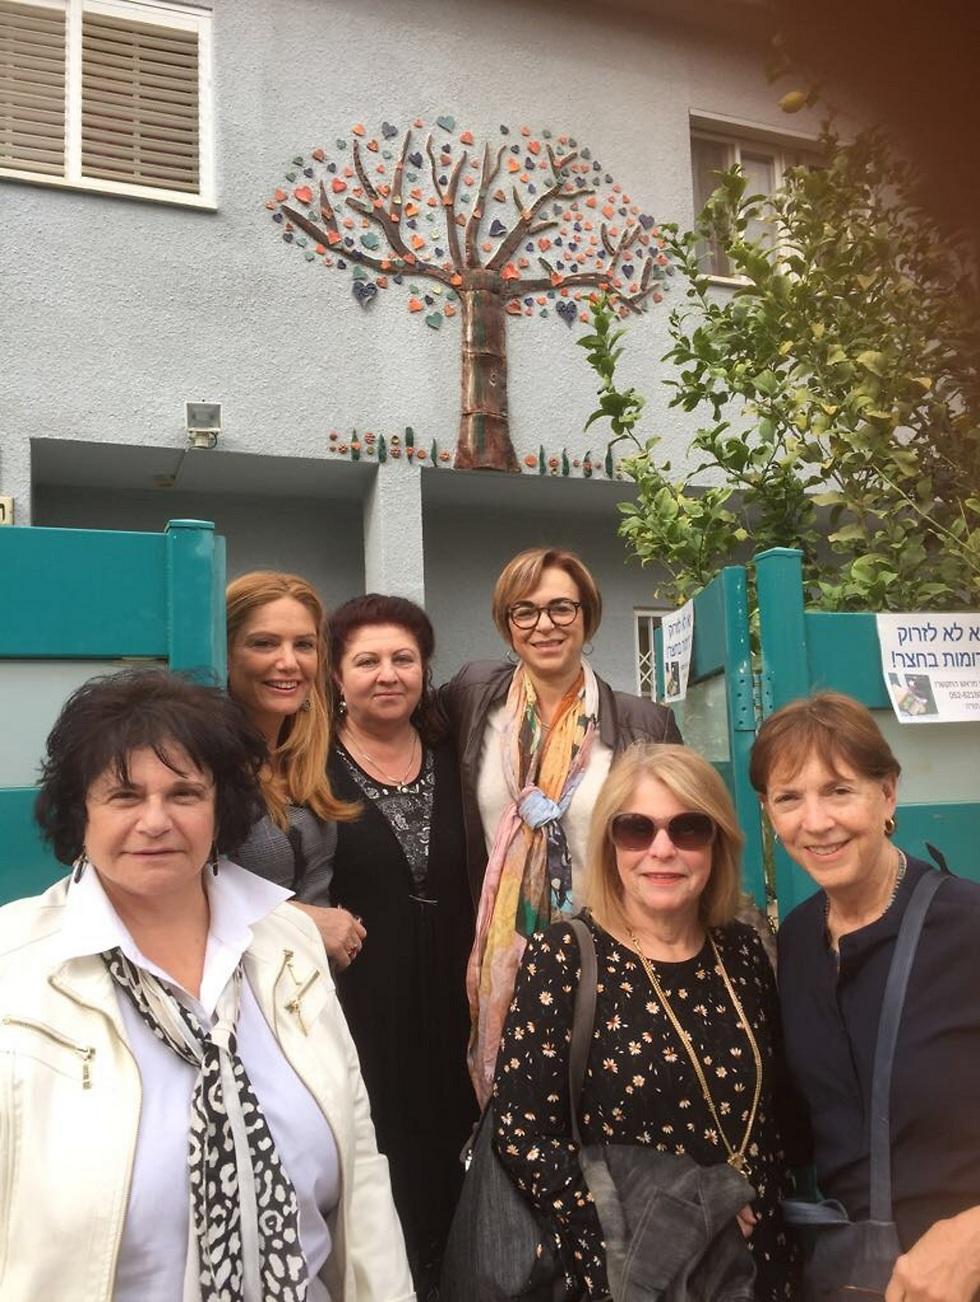 """צוות """"אריות יהודה"""" המלווה את הפרוייקט:ד""""ר תלמה כהן, שרון גפן, רות סלומי, רינה גן, קרול ג'זבי עם ליזה ניקוליצ'אוק המנכ""""לית של מסל""""ן"""